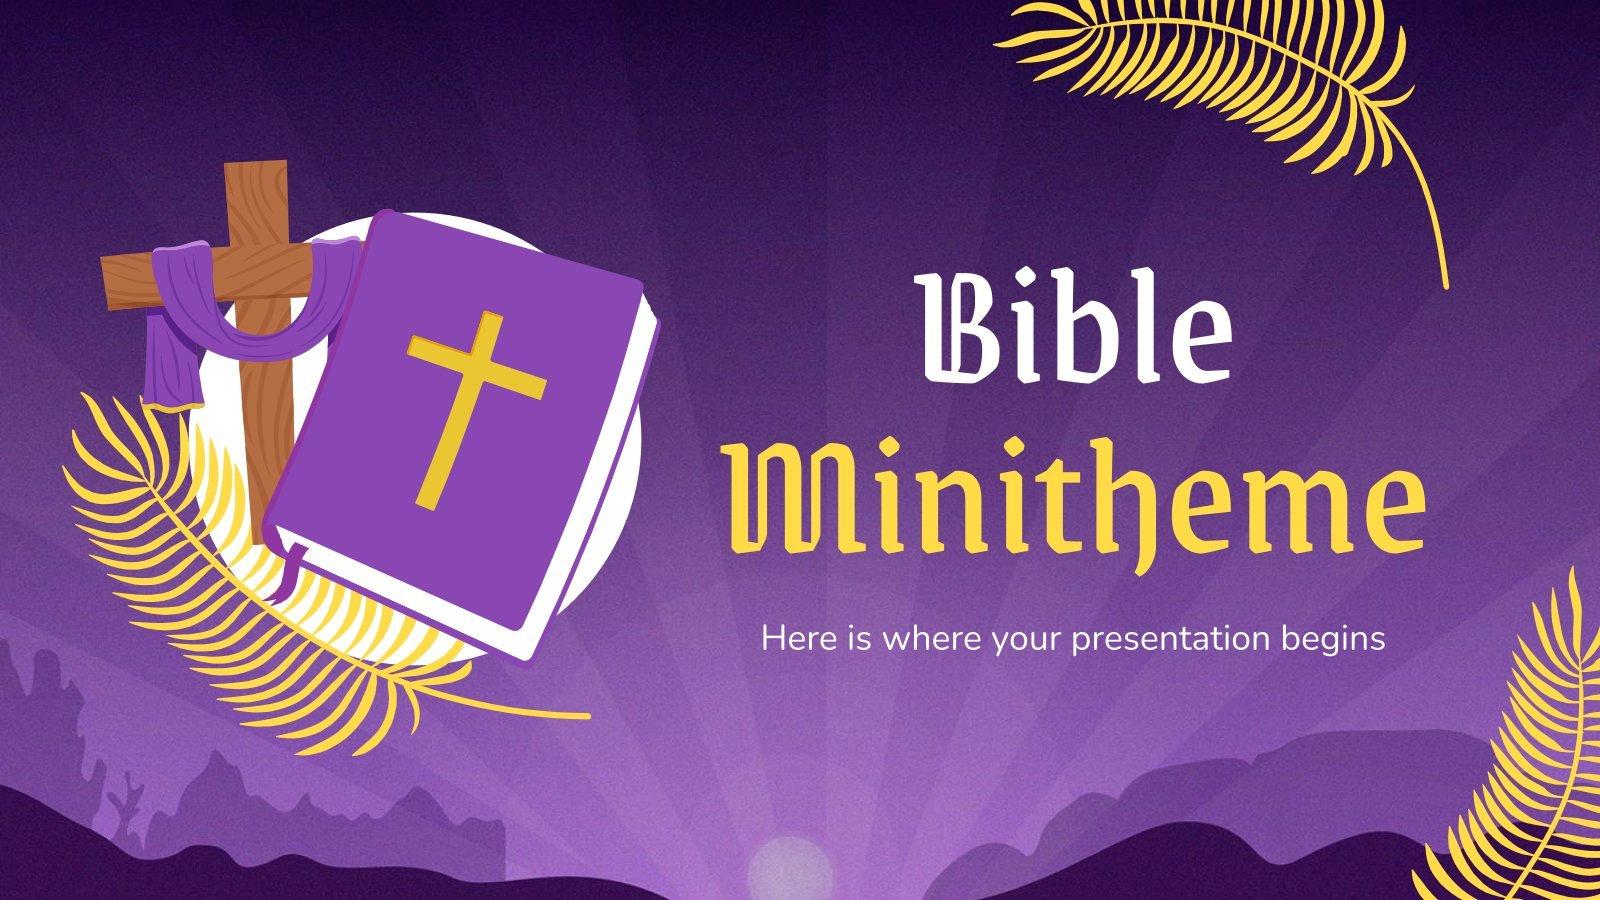 Bible Minitheme presentation template